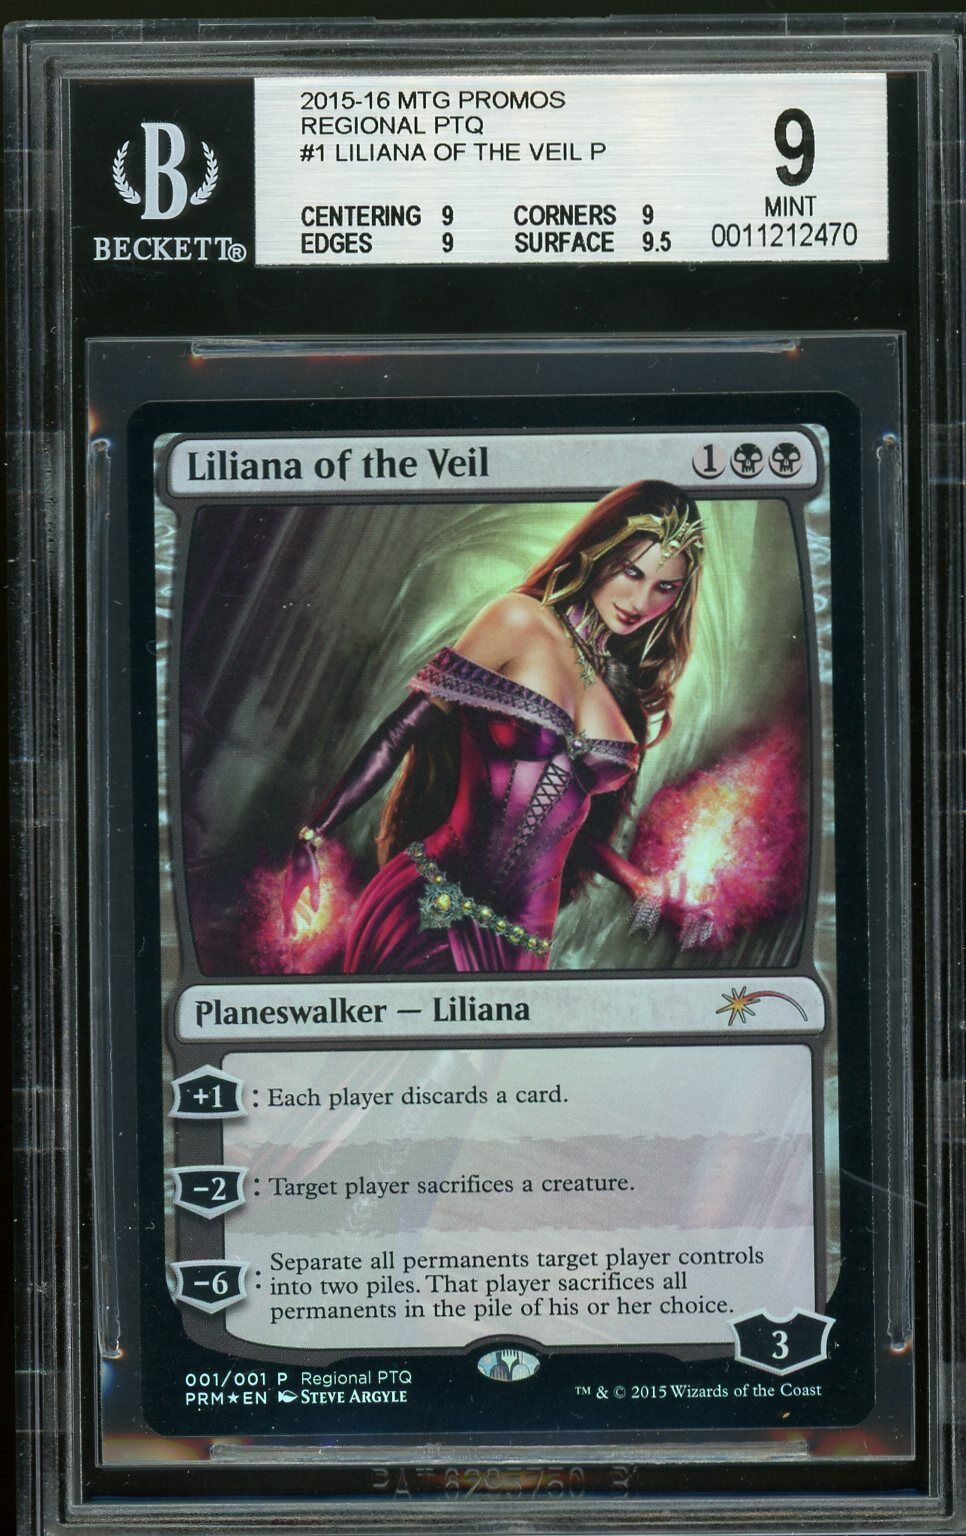 Liliana från Veil folie - RPTQ, BGS 9 MINT.MTG (pop 1 av 4)